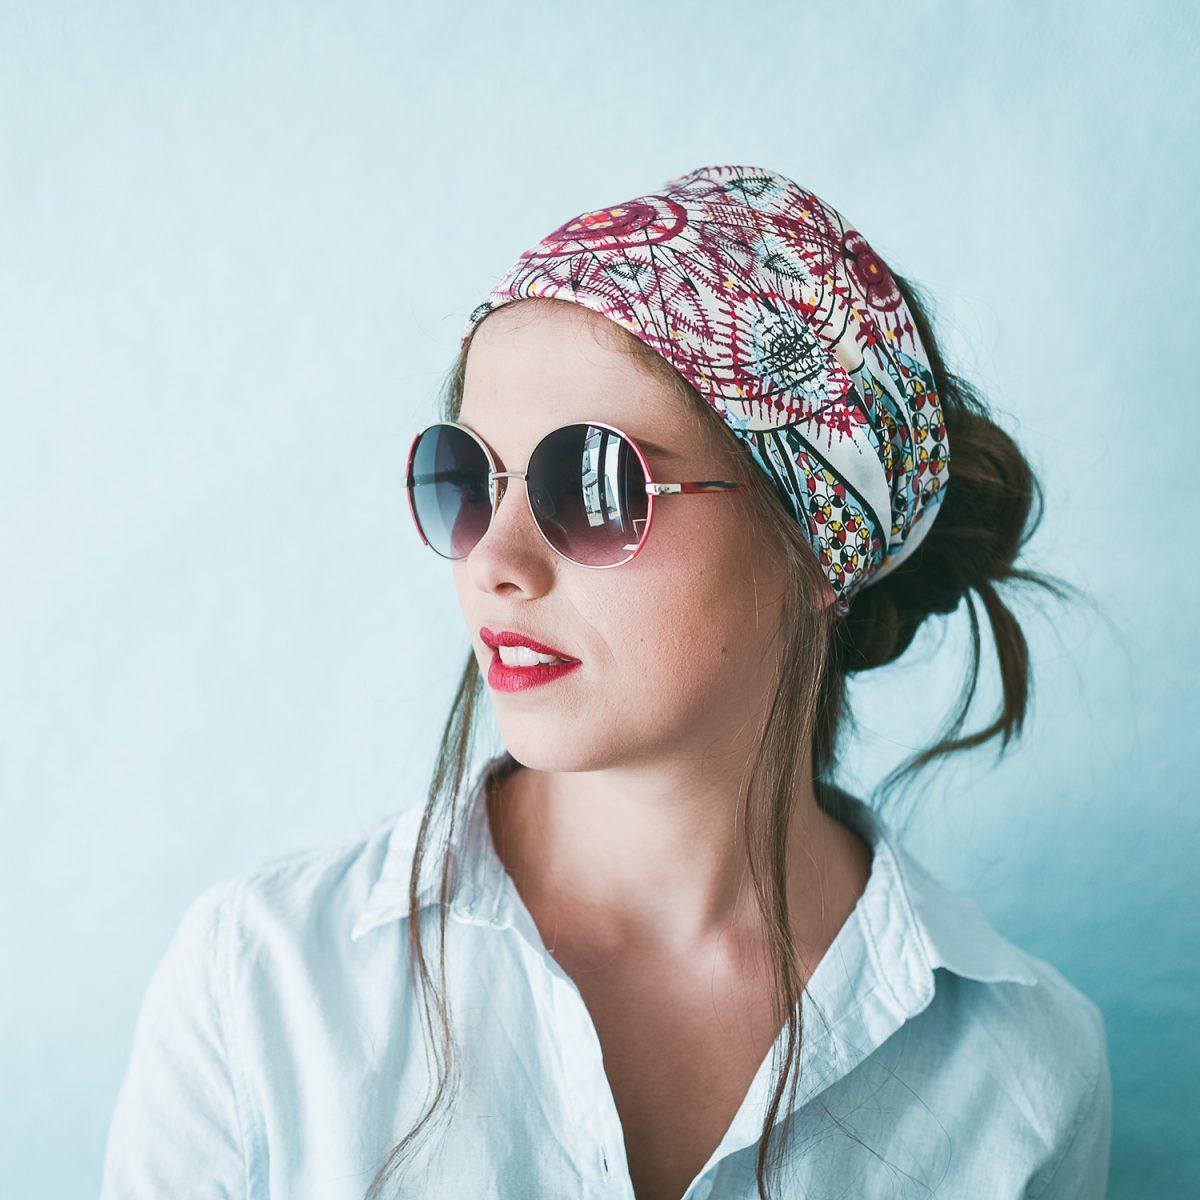 Âmulet Foulard Médecine fashion headwrapped style